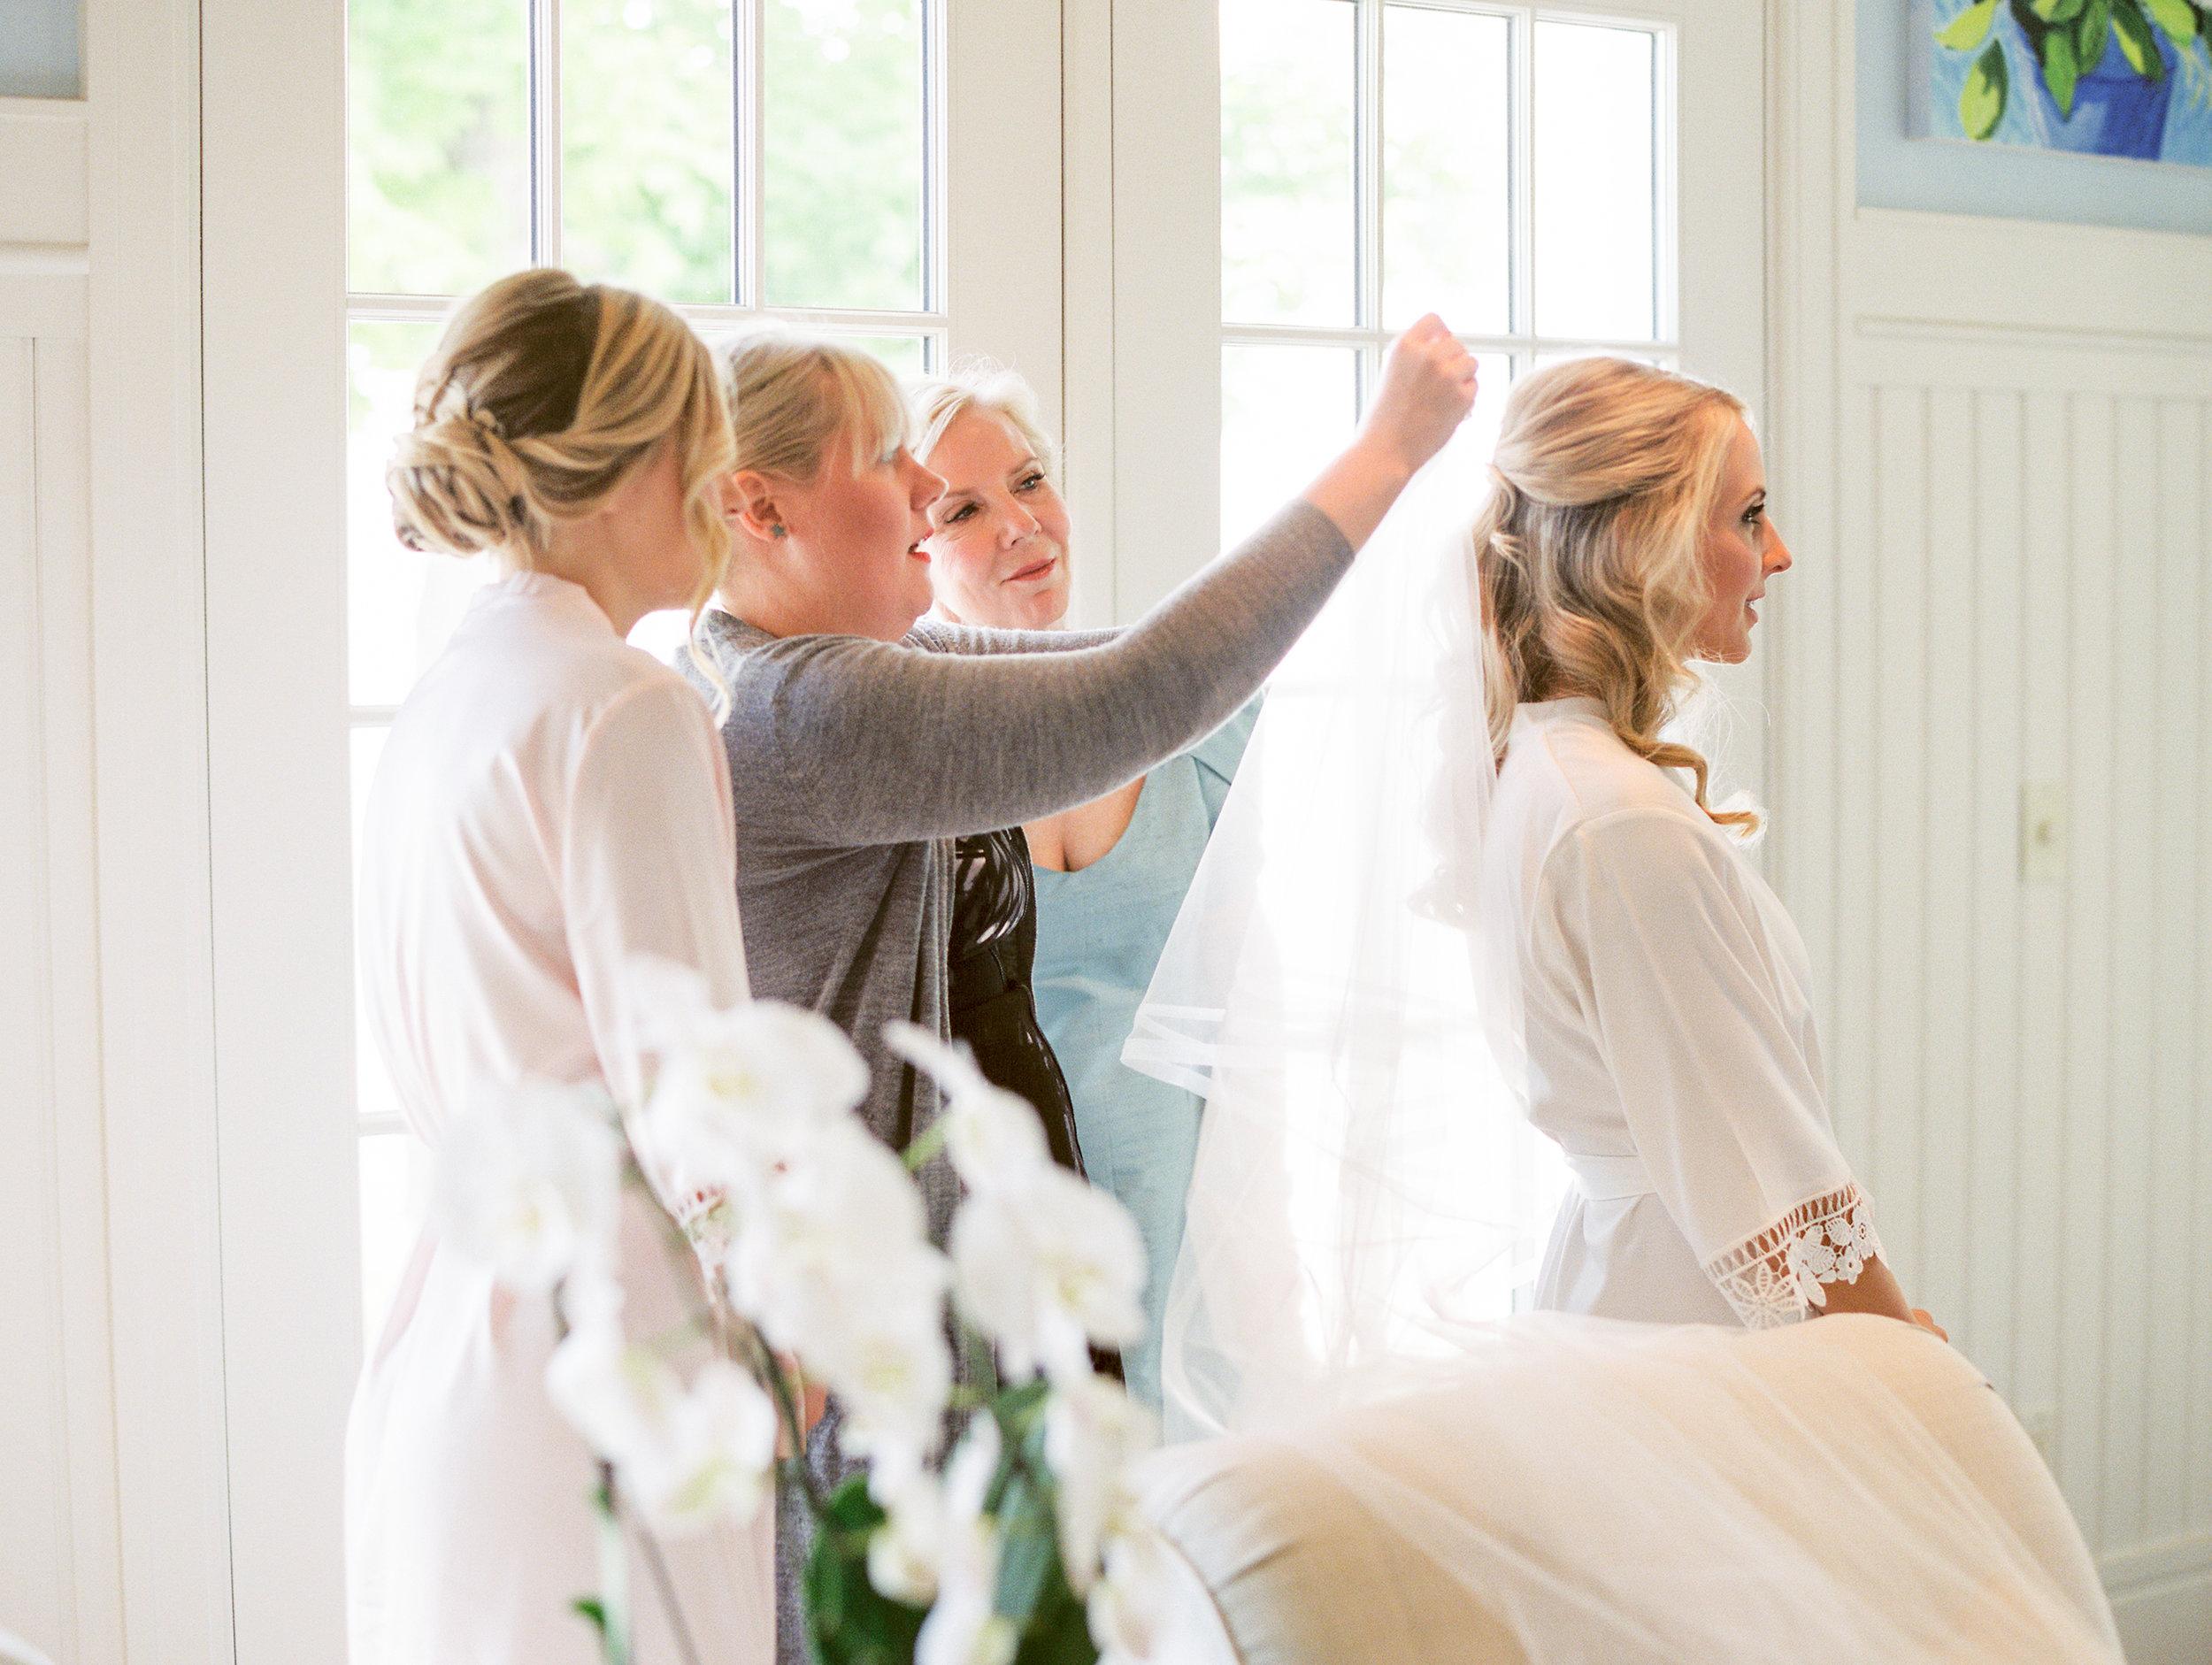 Coffman+Wedding+Getting+Ready+Girls-145.jpg